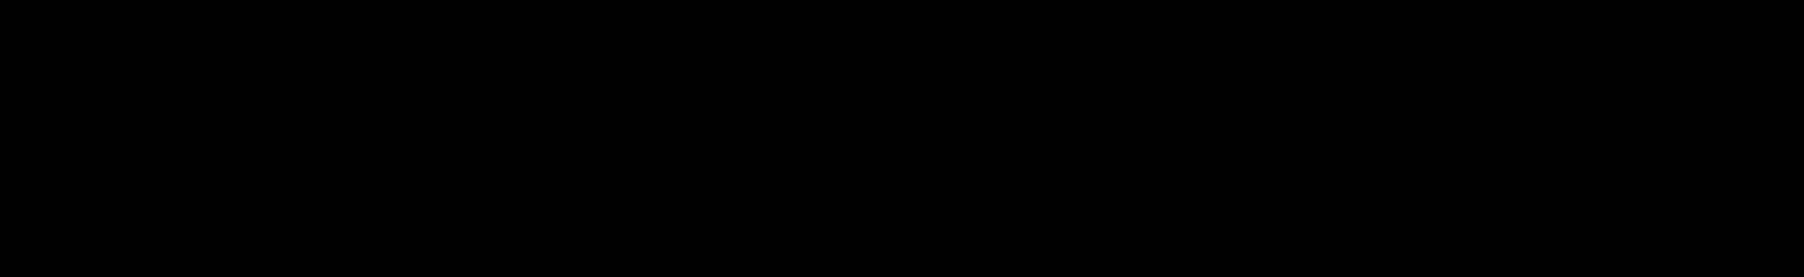 Fekatec